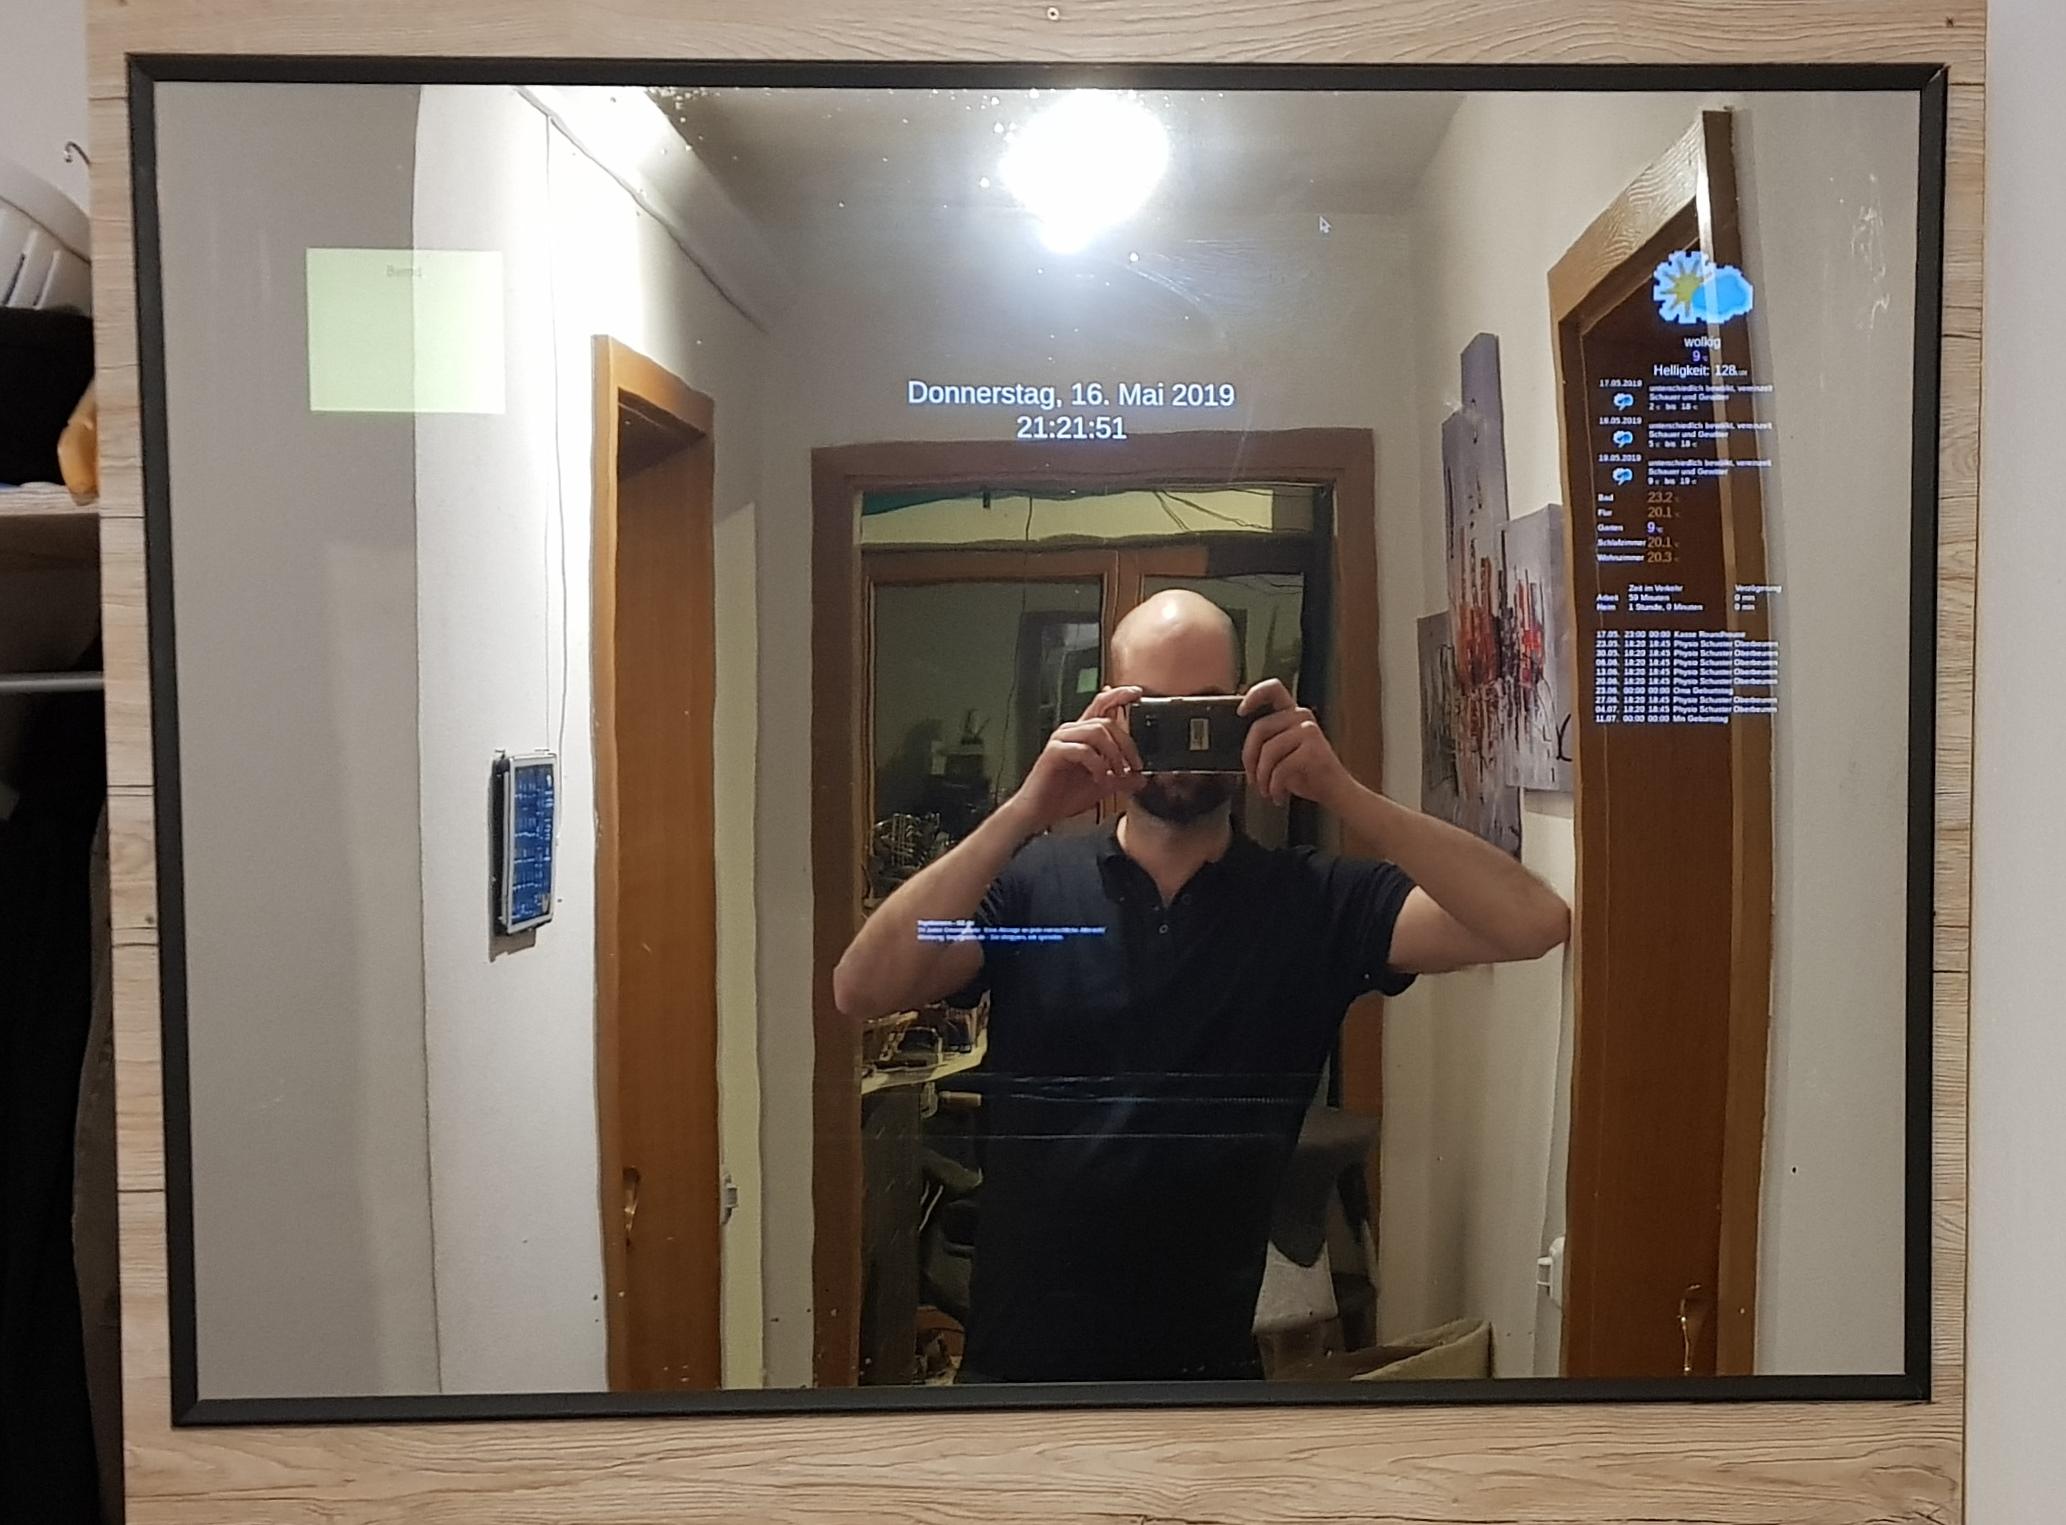 Magic Mirror 2 Anleitung